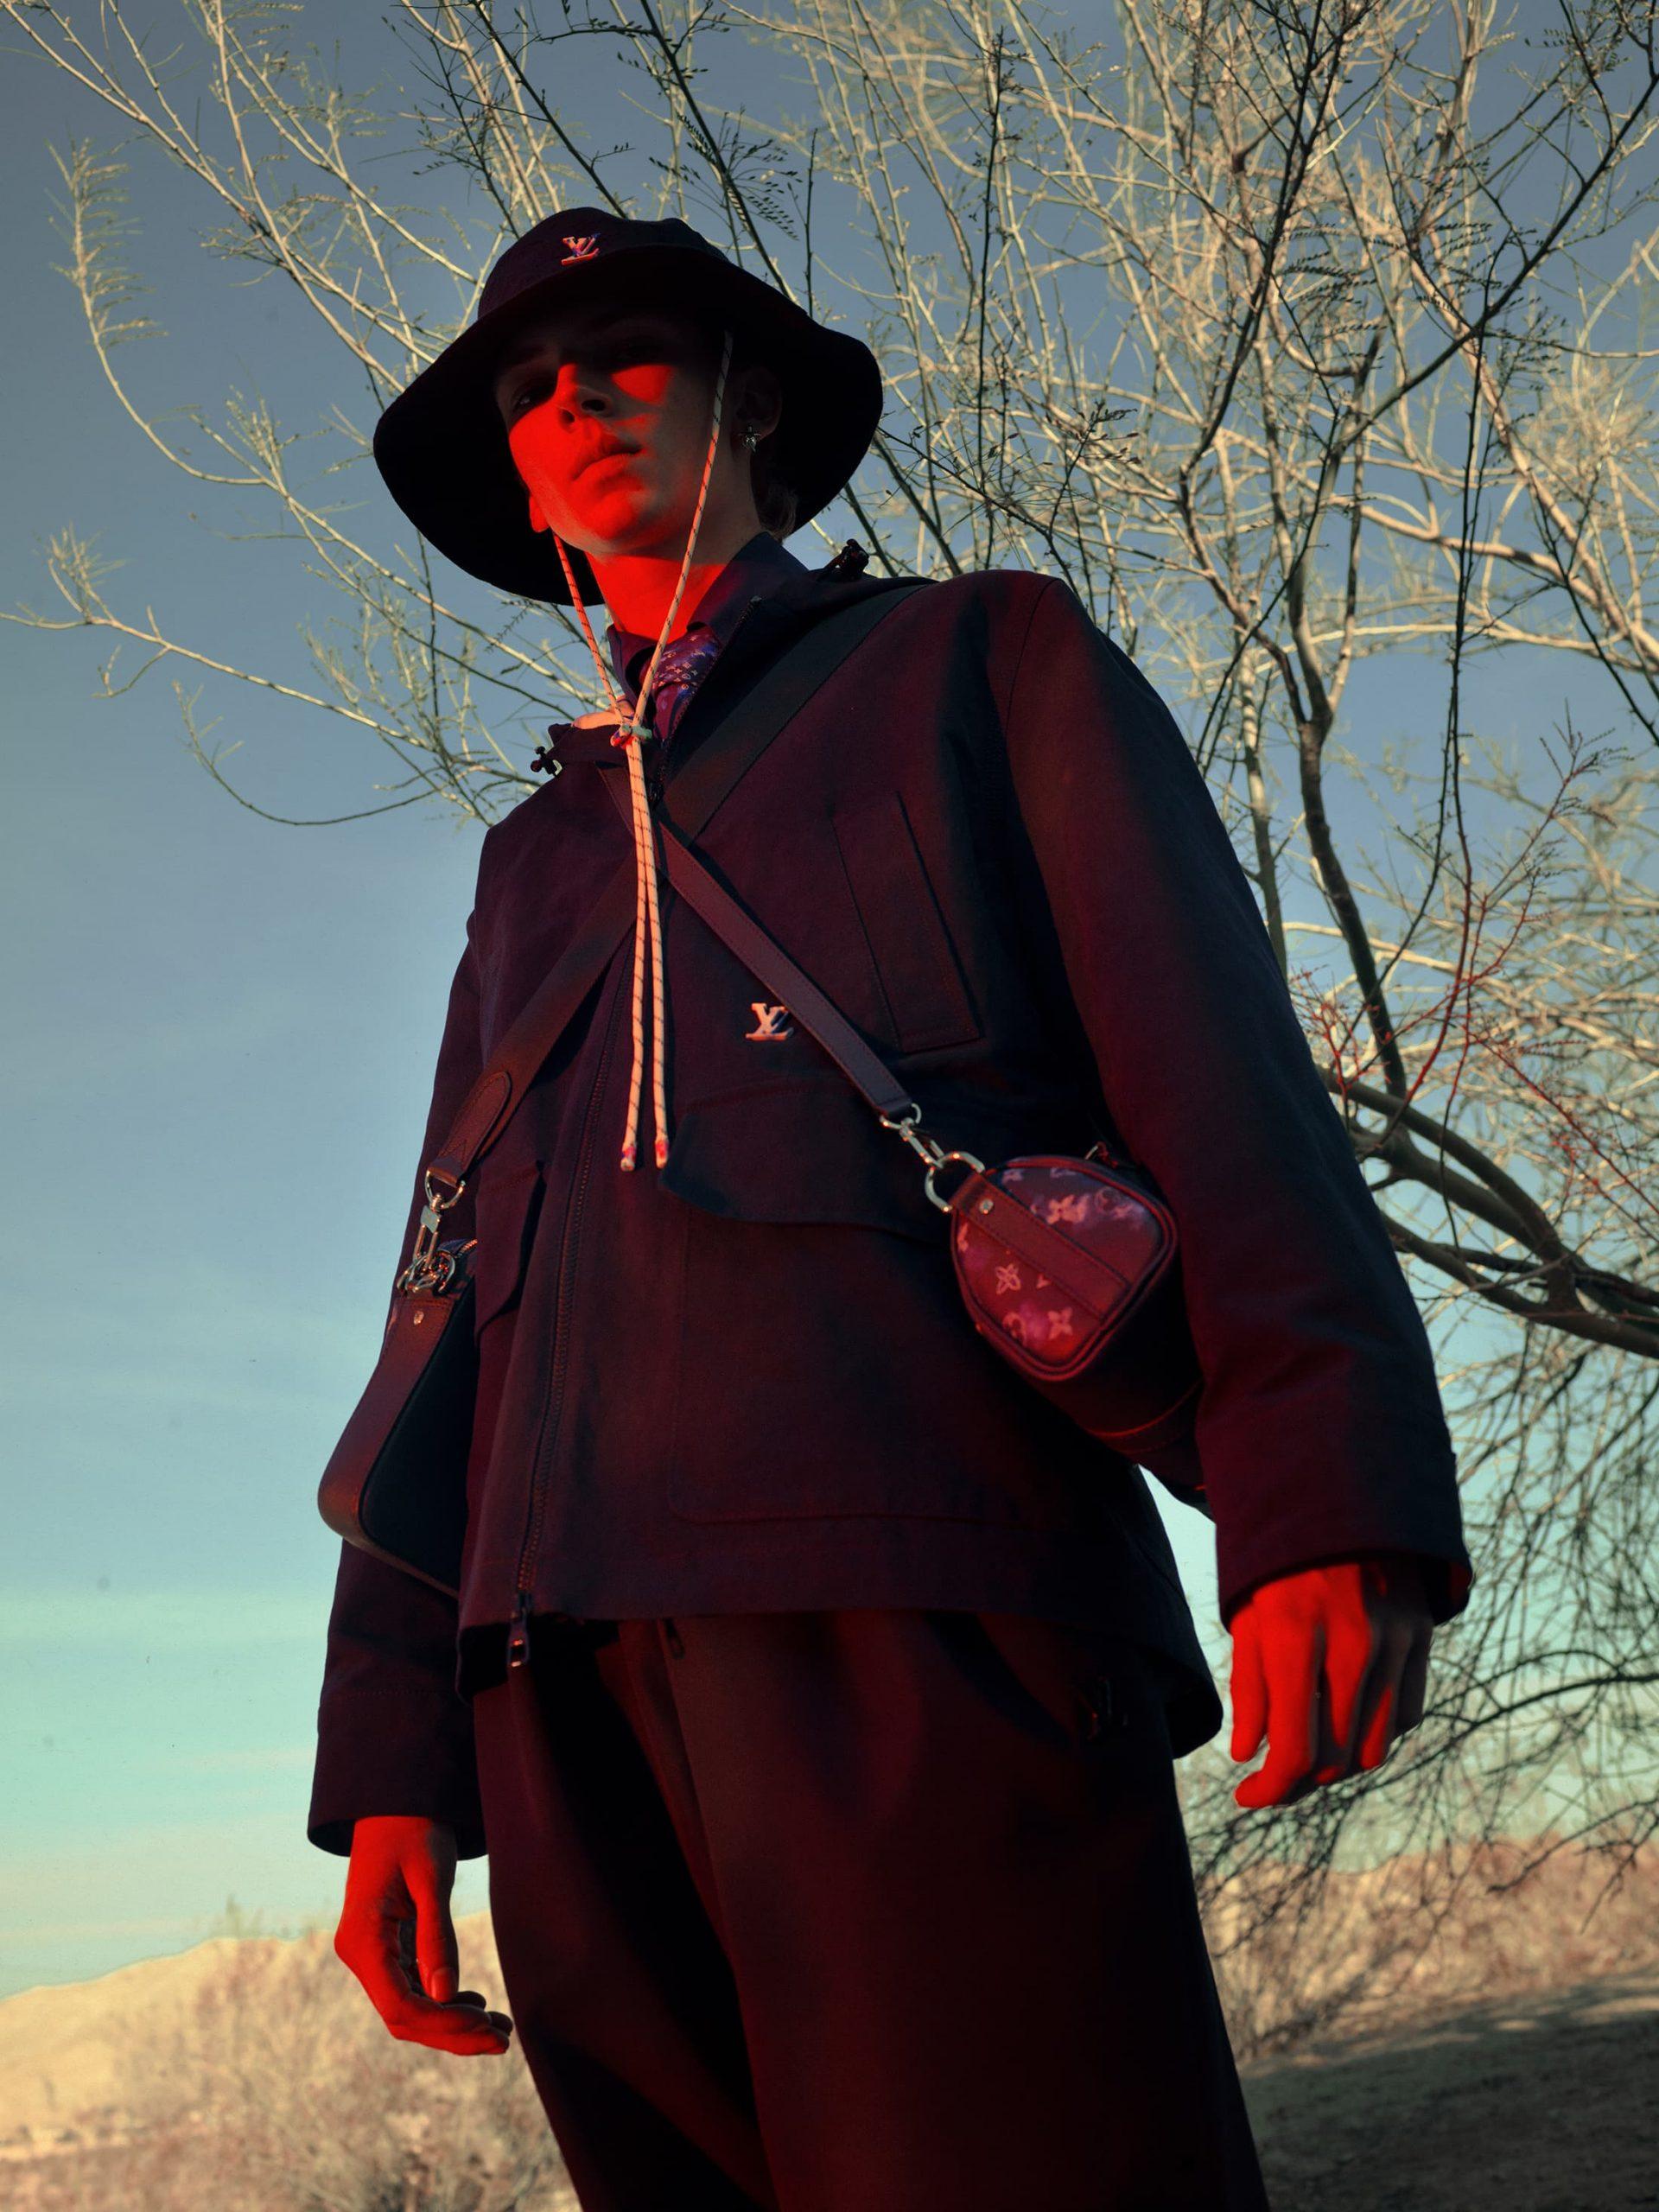 Louis Vuitton Men's Summer Capsule Collection